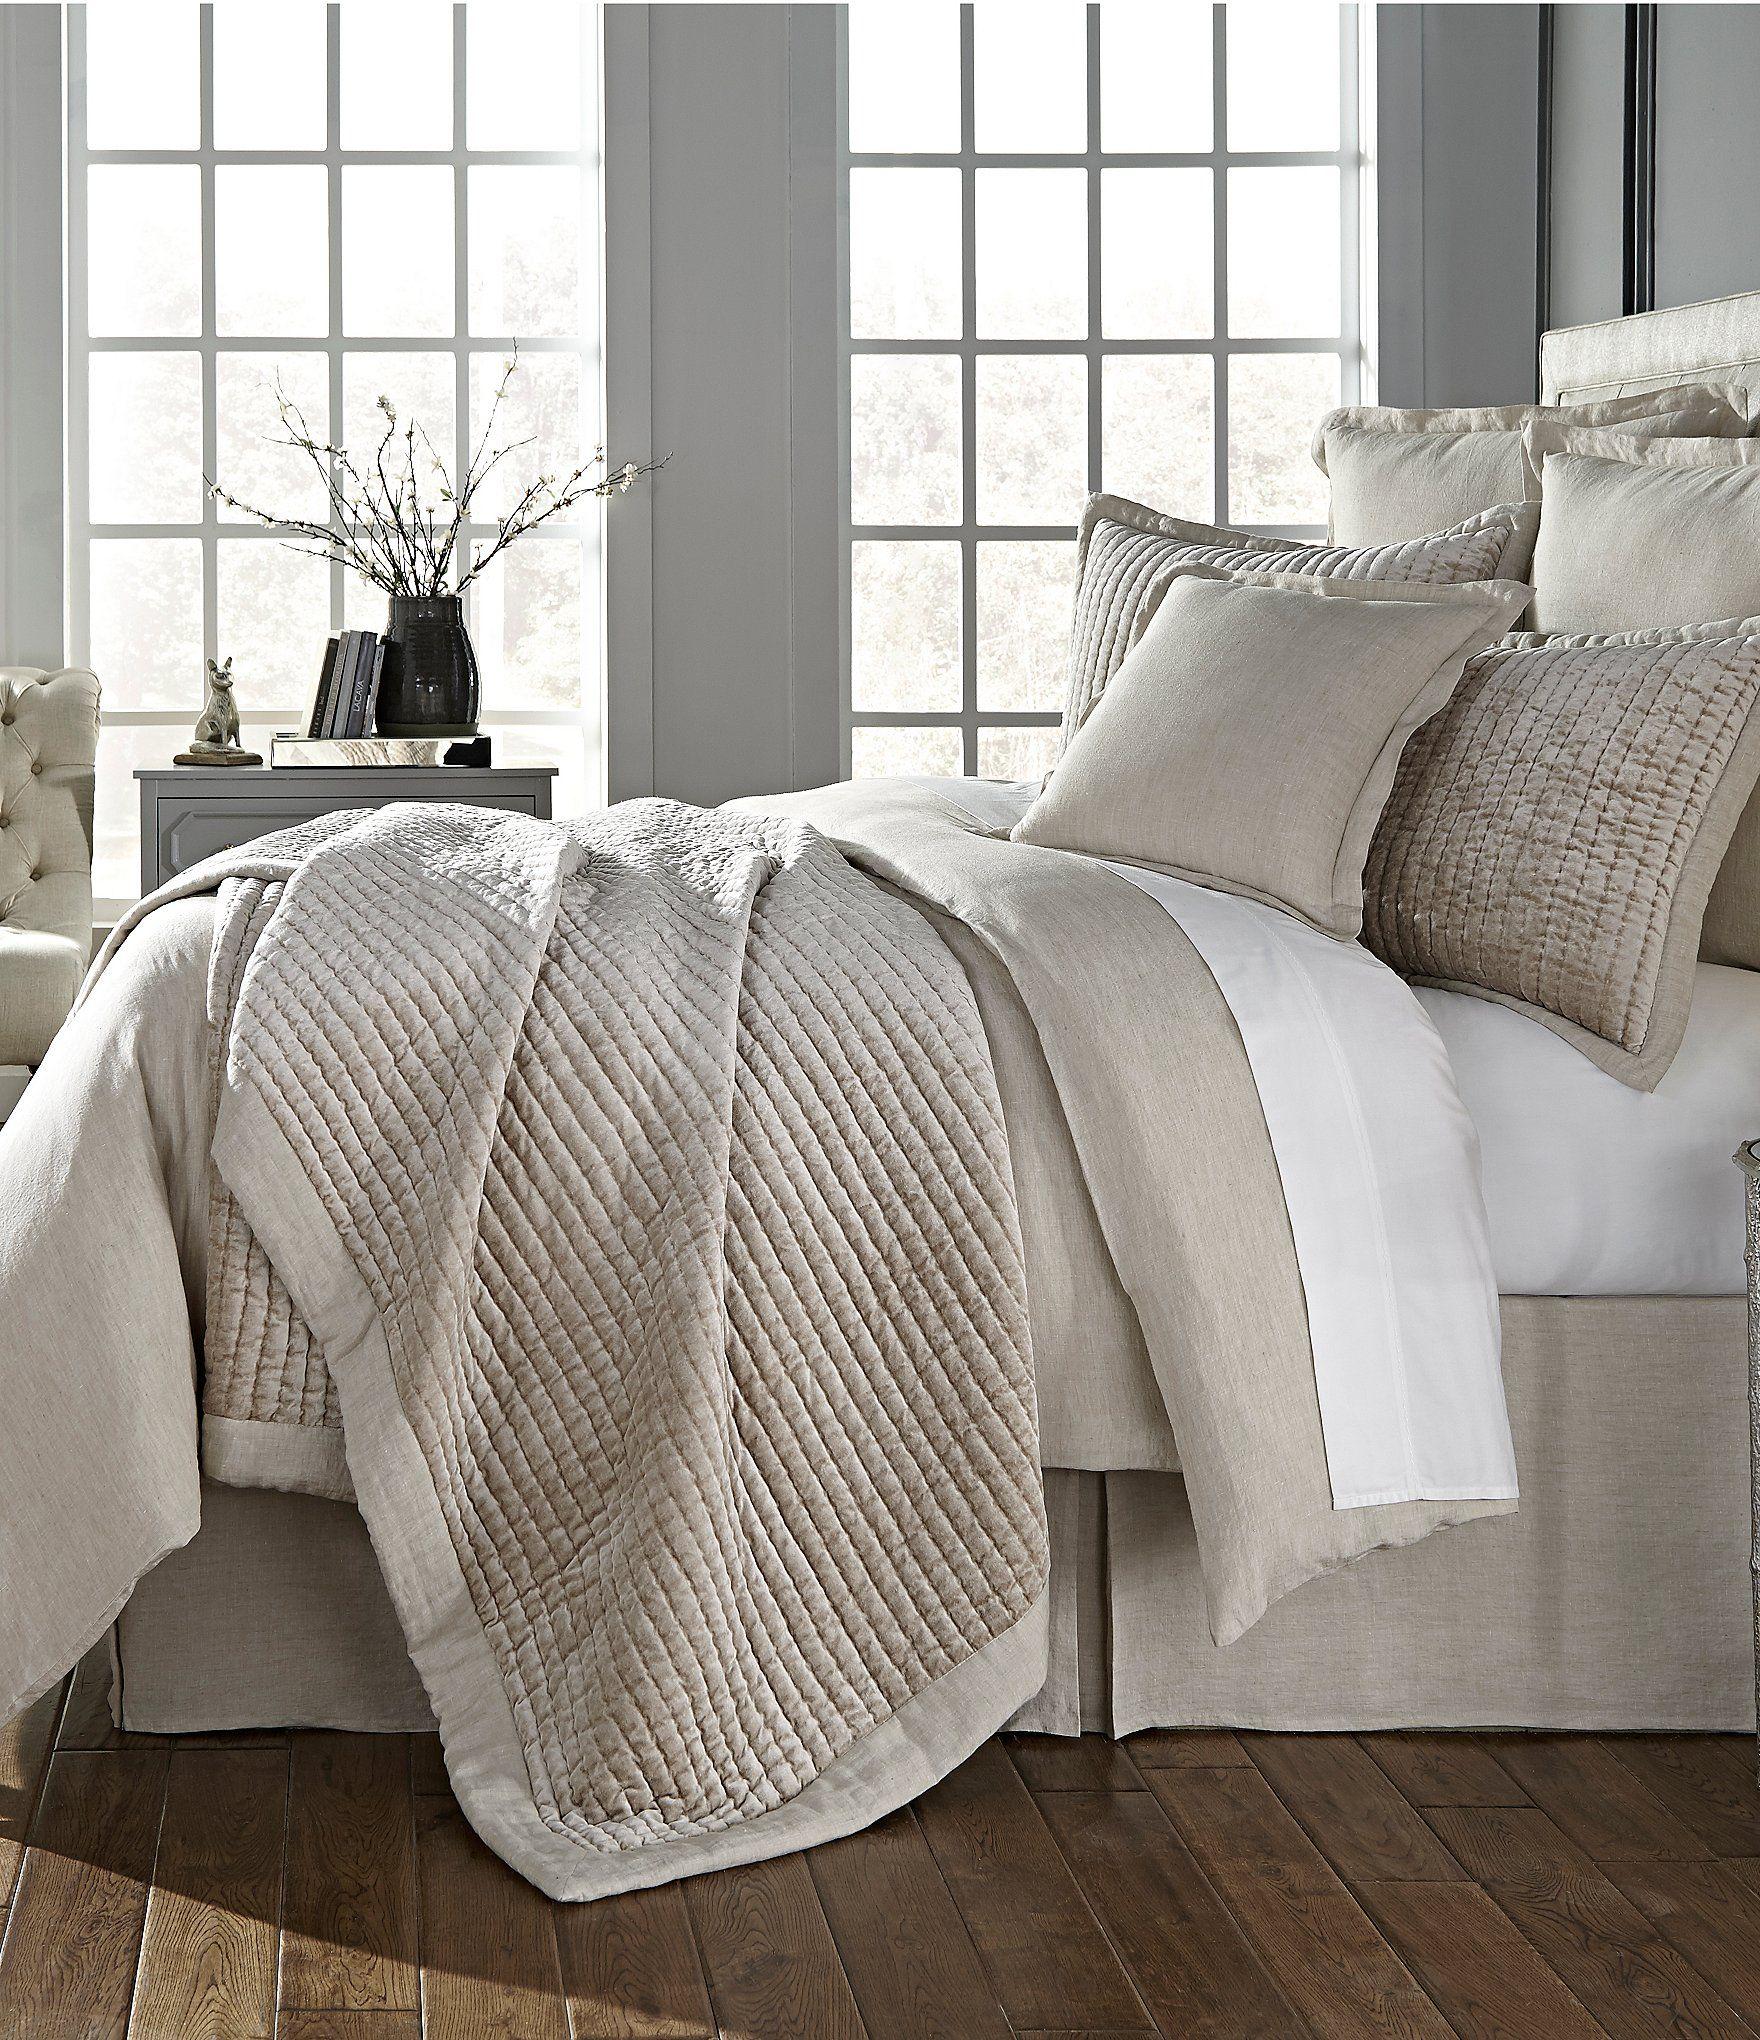 shop for southern living madison velvet & linen quilt mini set at